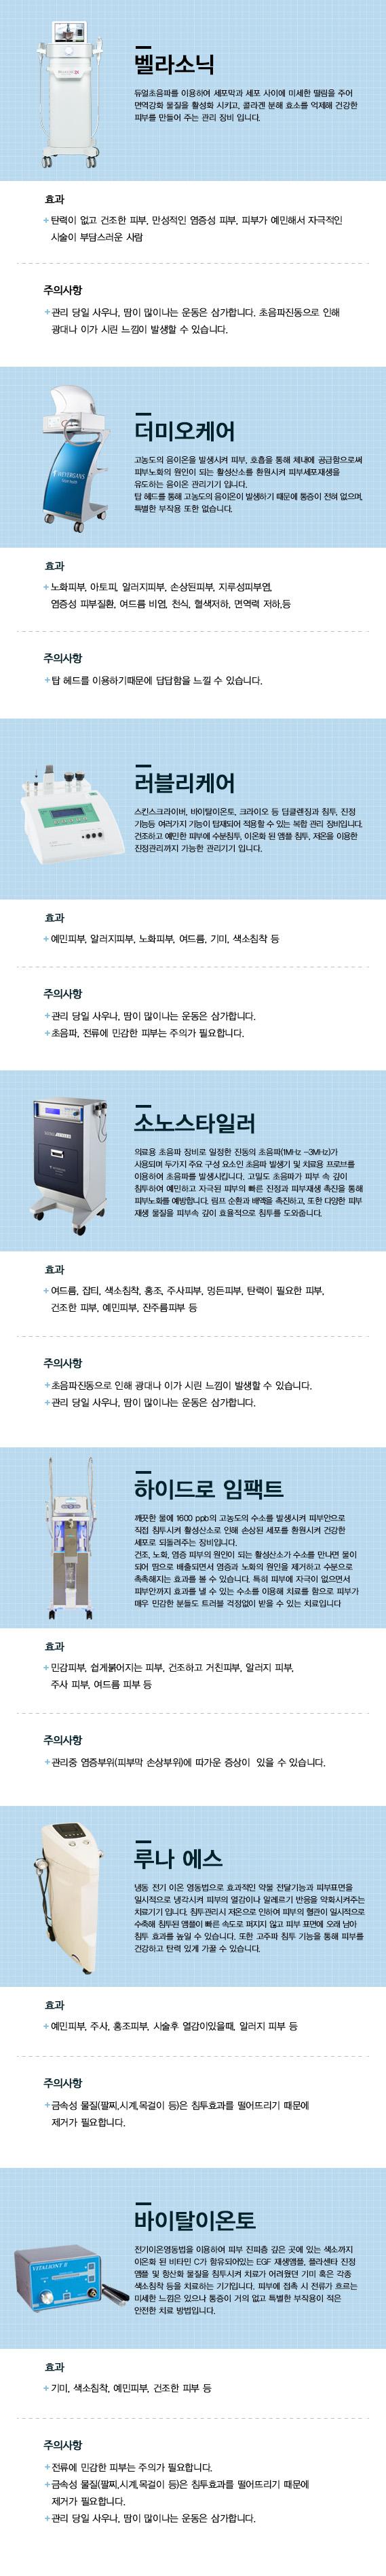 홈페이지 레이저 장비_관리장비_191202.jpg